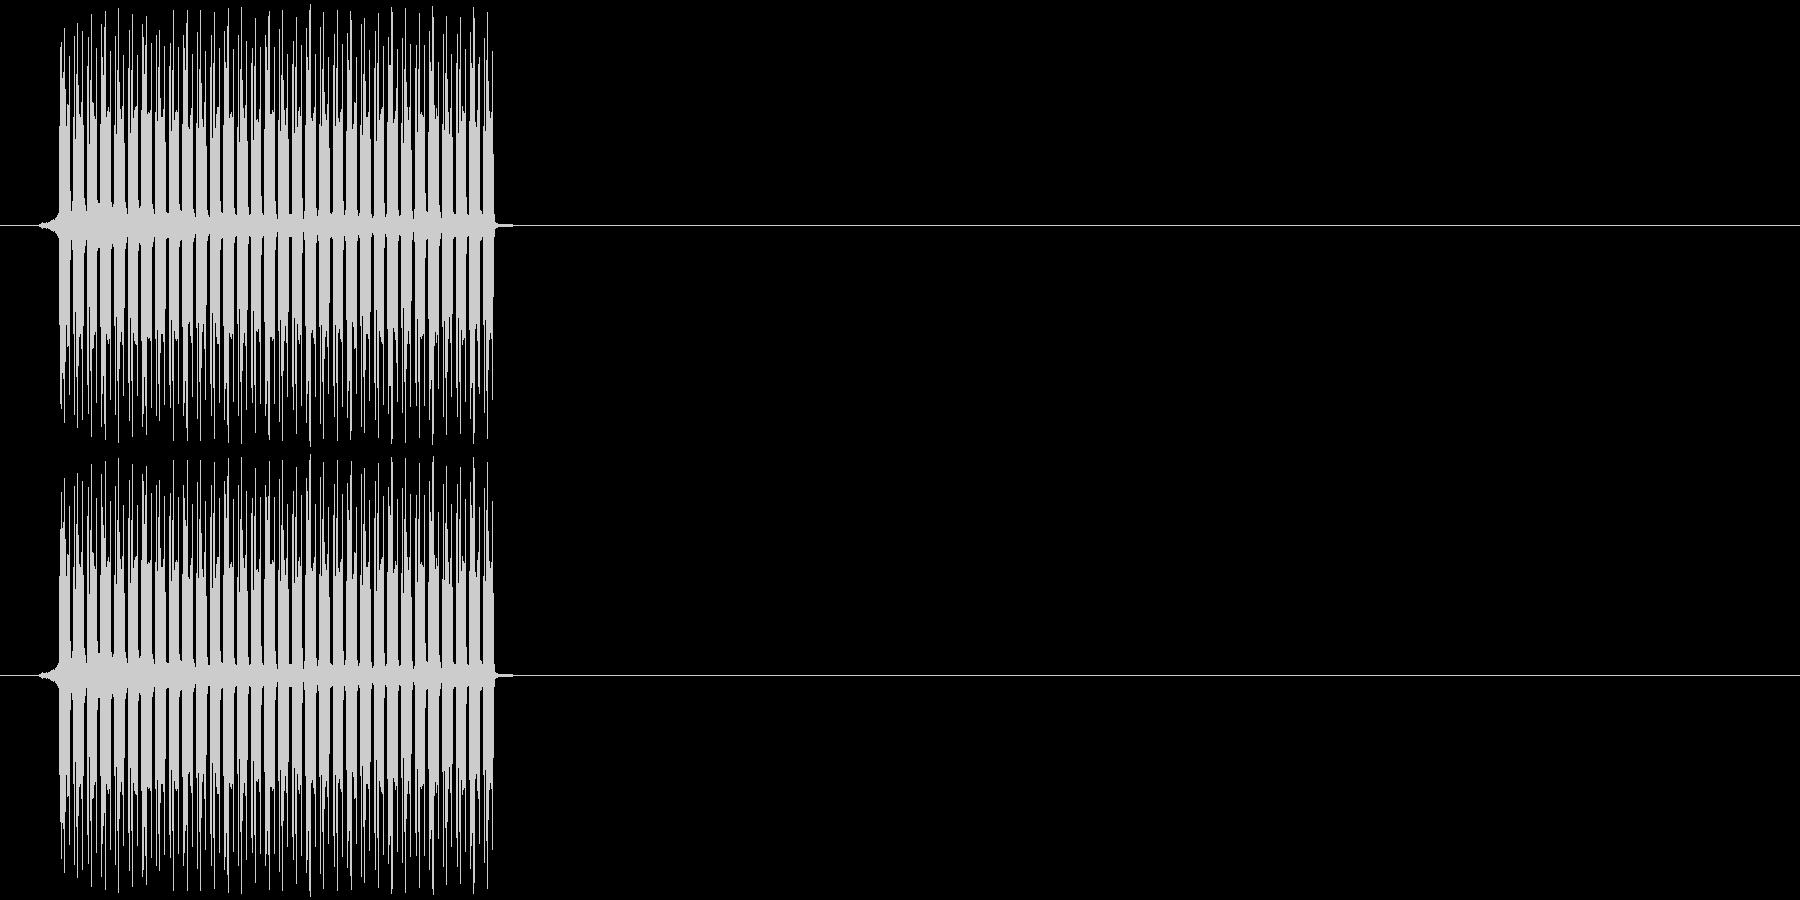 間違った時の効果音その1ですの未再生の波形